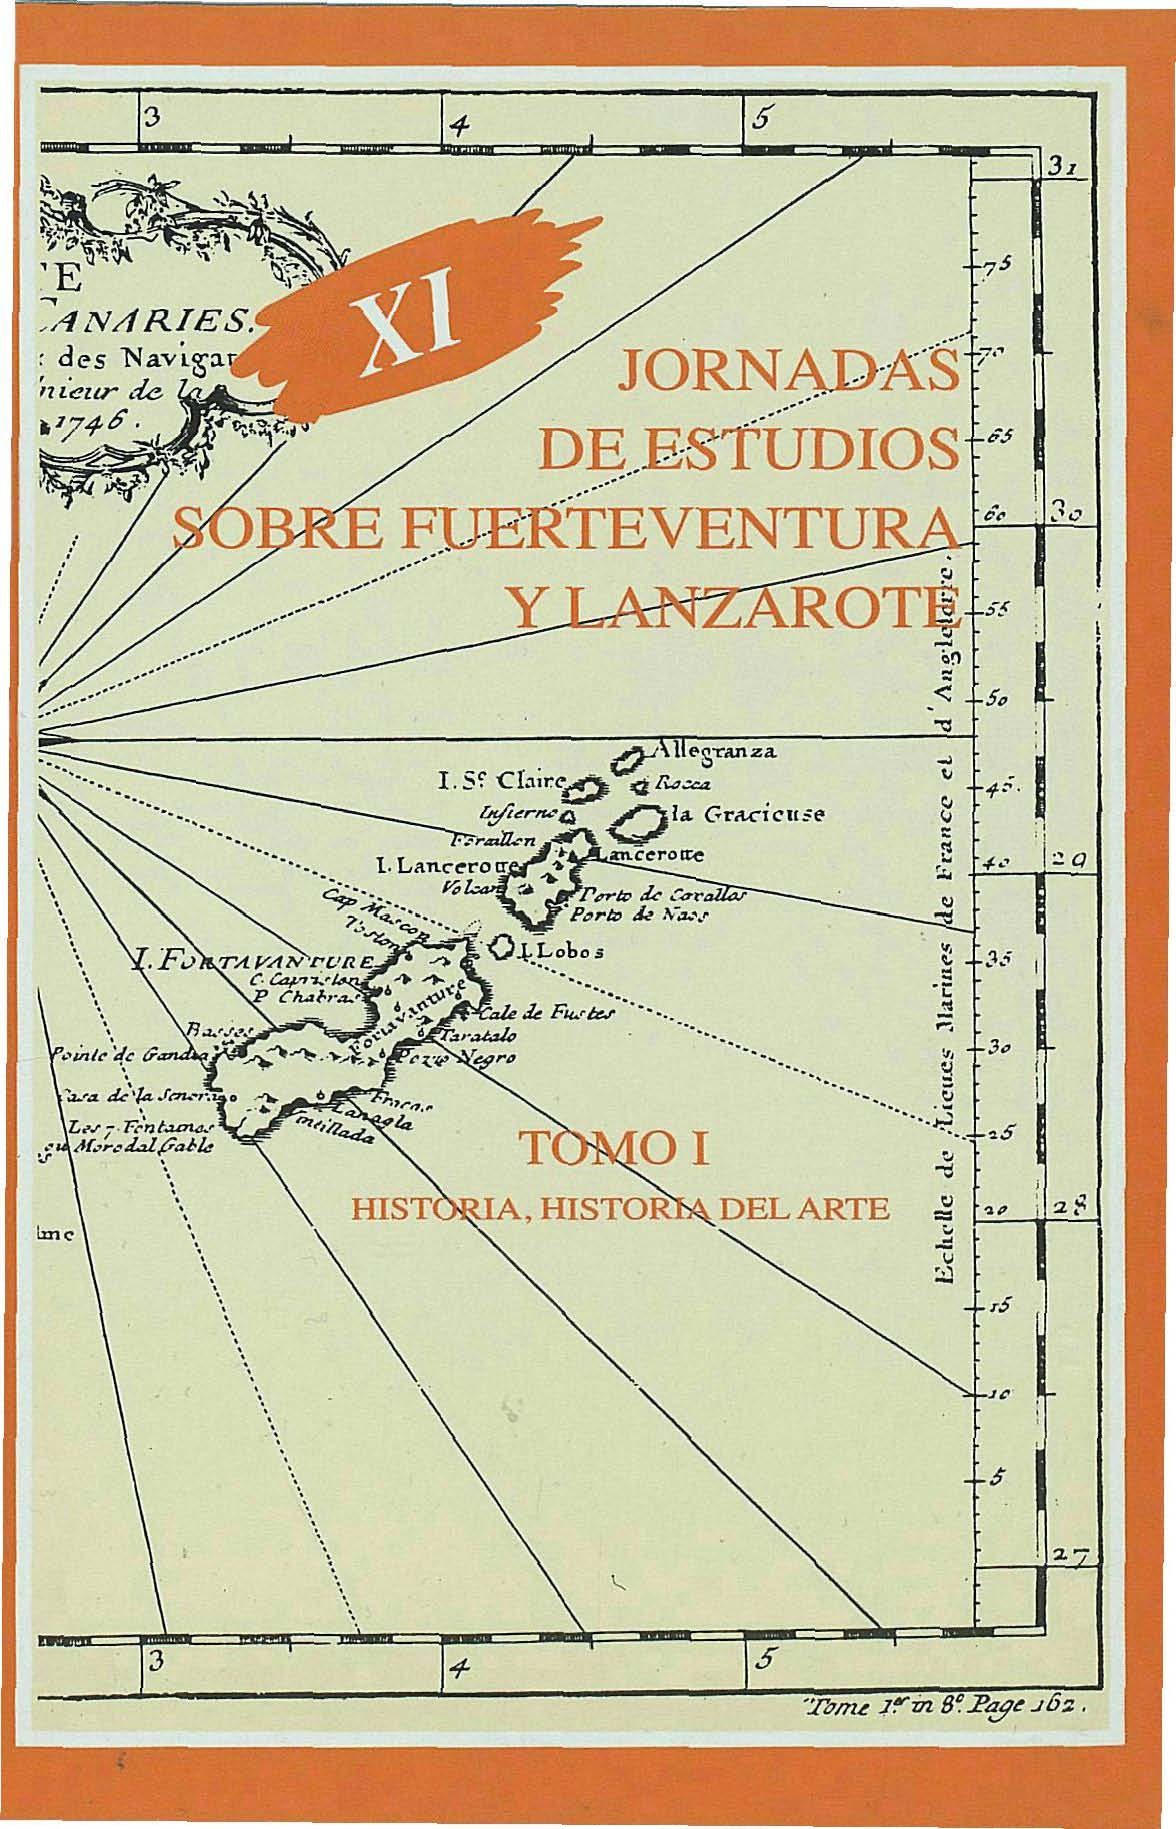 Las manifestaciones artísticas en las islas de Fuerteventura y Lanzarote: sus promotores